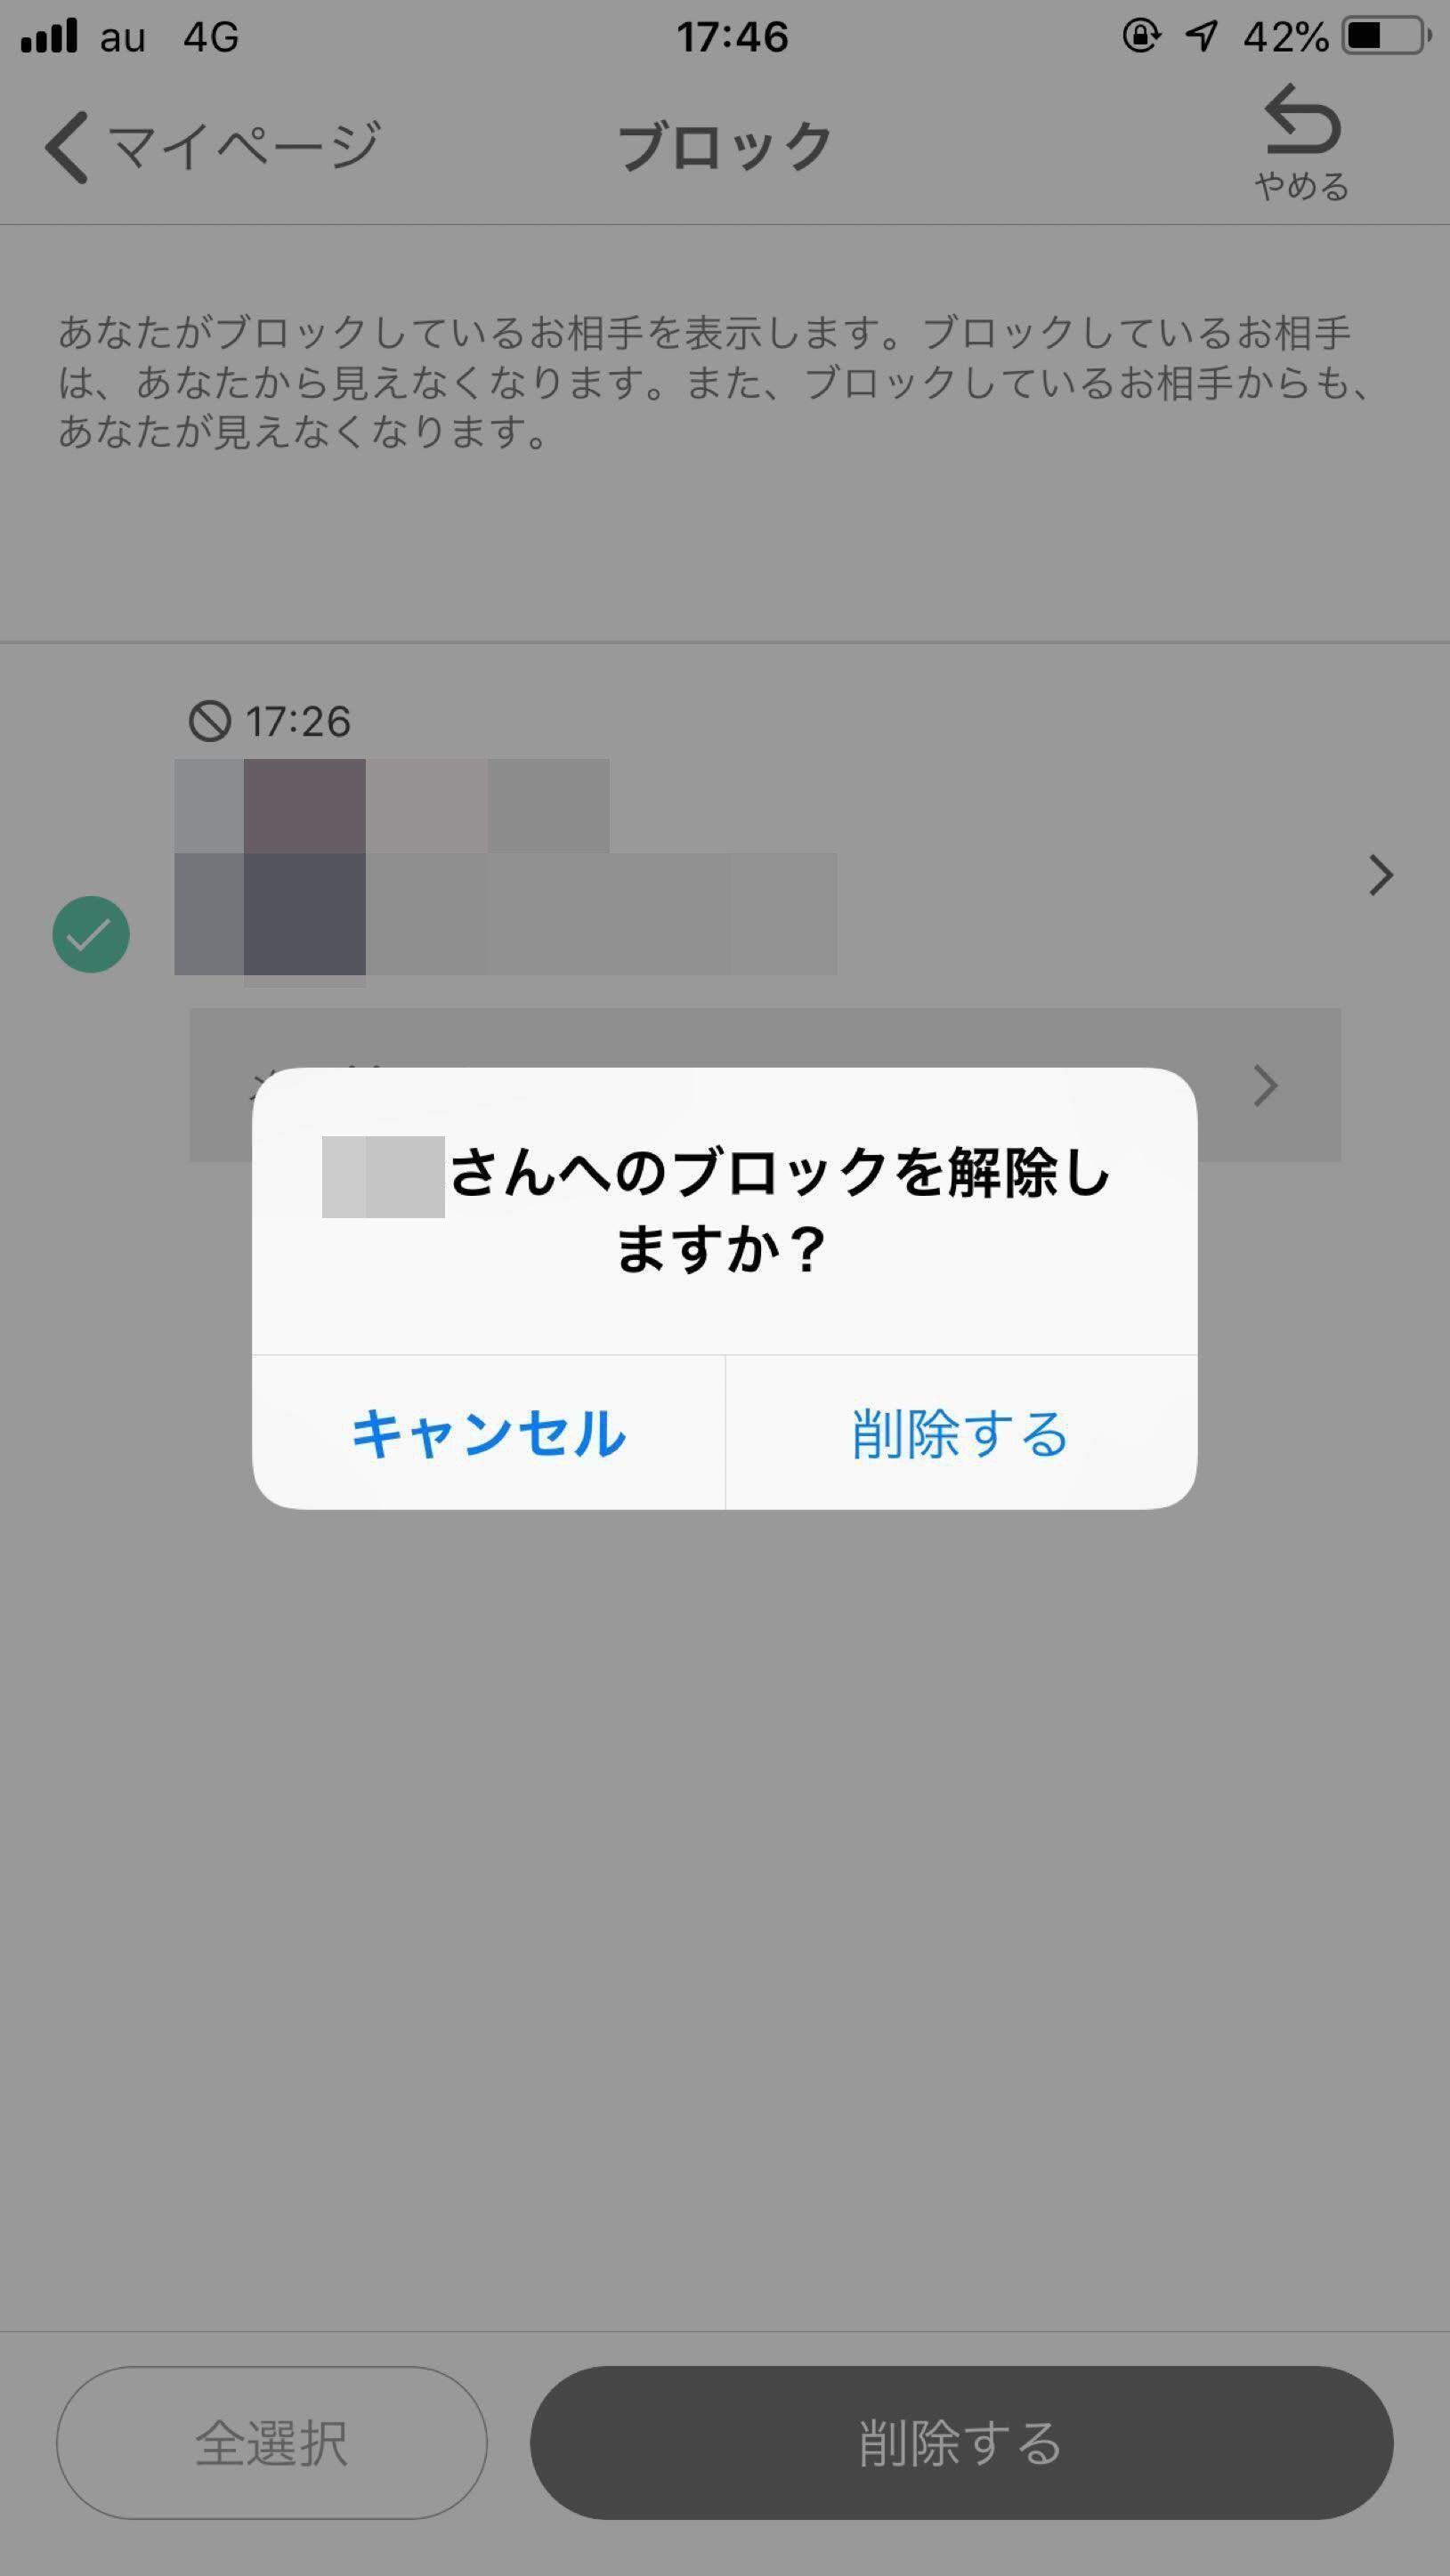 ワクワクメール 「削除する」ボタンでブロック解除完了!